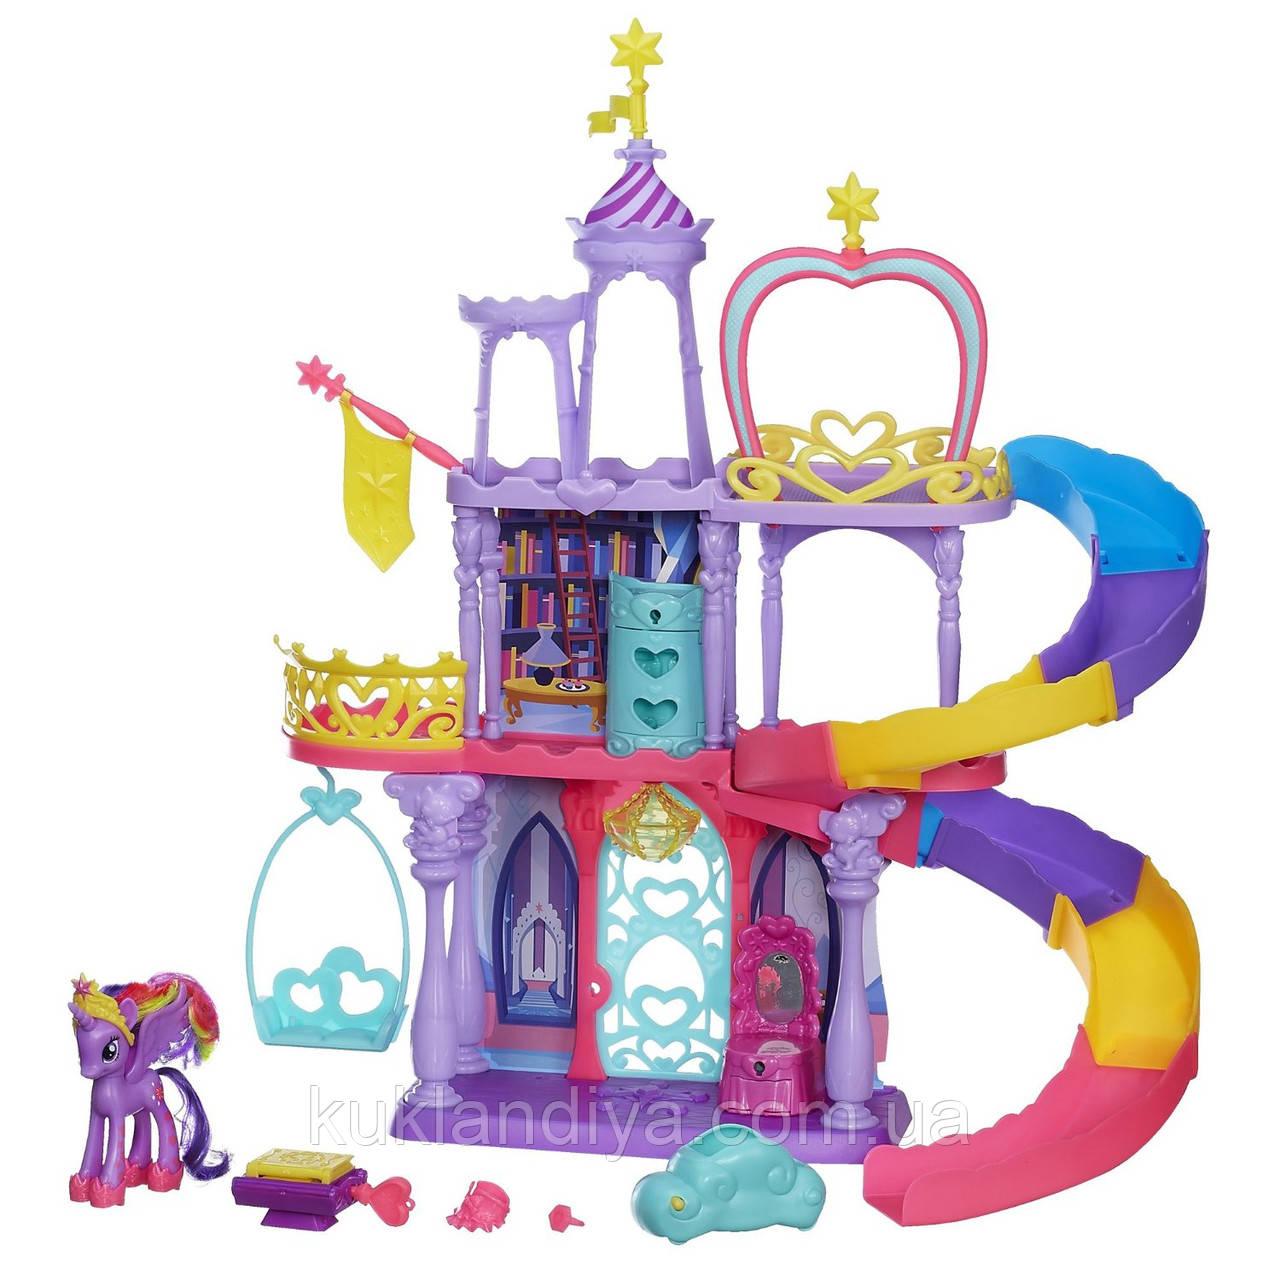 Радужный замок принцессы Твайлайт Спаркл My Little Pony - Friendship Rainbow Kingdom Playset